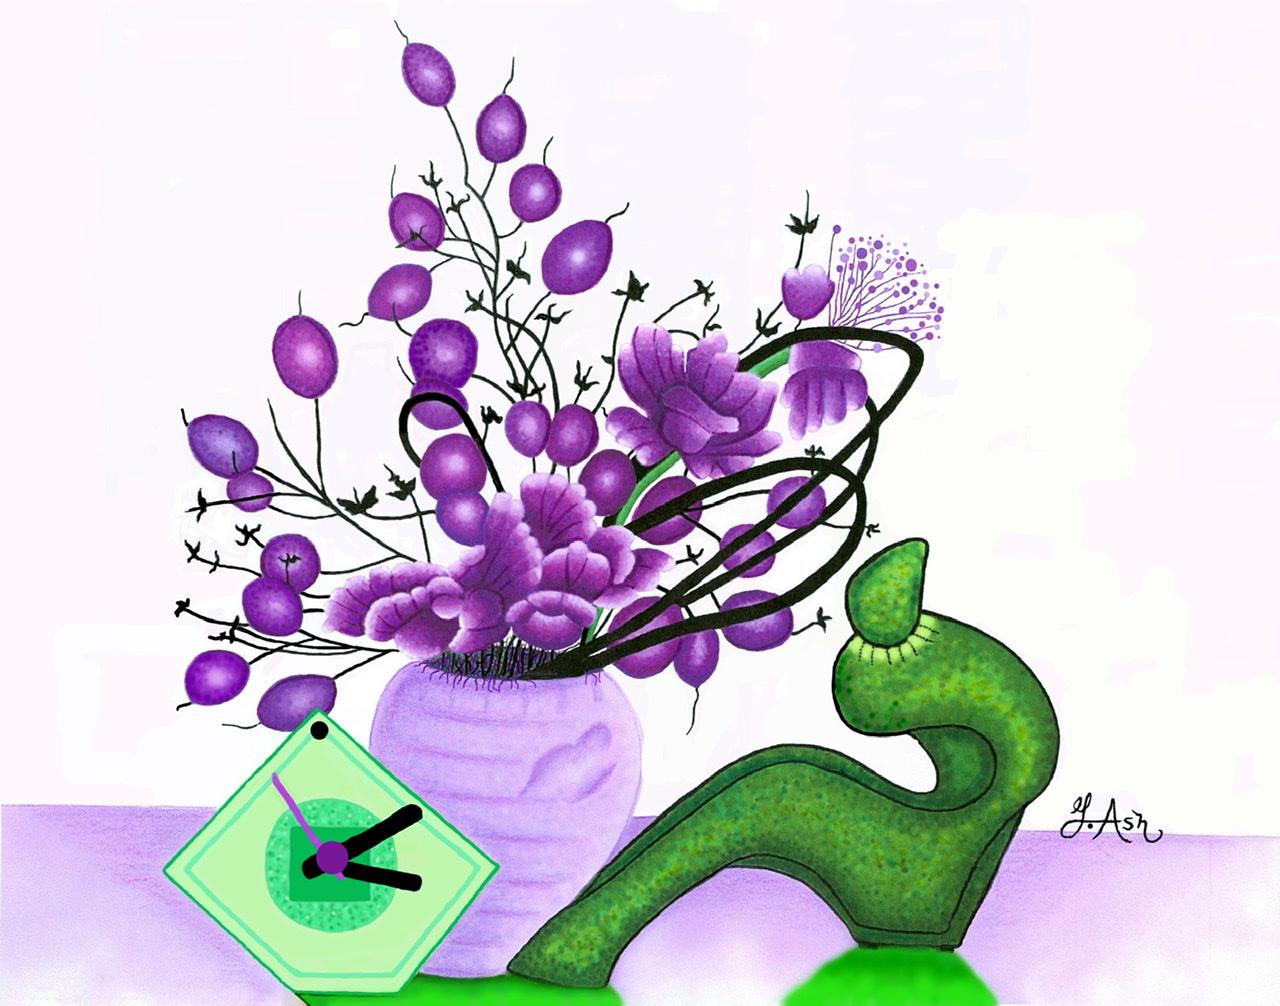 """<span style=""""color: #ff0000;""""><a style=""""color: #ff0000;"""" href=""""mailto:marie.laura@@videotron.ca?subject=Défi 15 dessins 15 semaines -  Nature morte au vase de fleurs"""">Contacter l'artiste</a></span> Ginette Ash -  Nature morte au vase de fleurs - 150 $ (transaction directement avec l'artiste) - Crayons de couleurs et feutres de couleurs Faber Castel (encre de Chine pigmentée) sur papier à dessin  11 x 14 pouces (non encadré et frais de transport inclus)"""